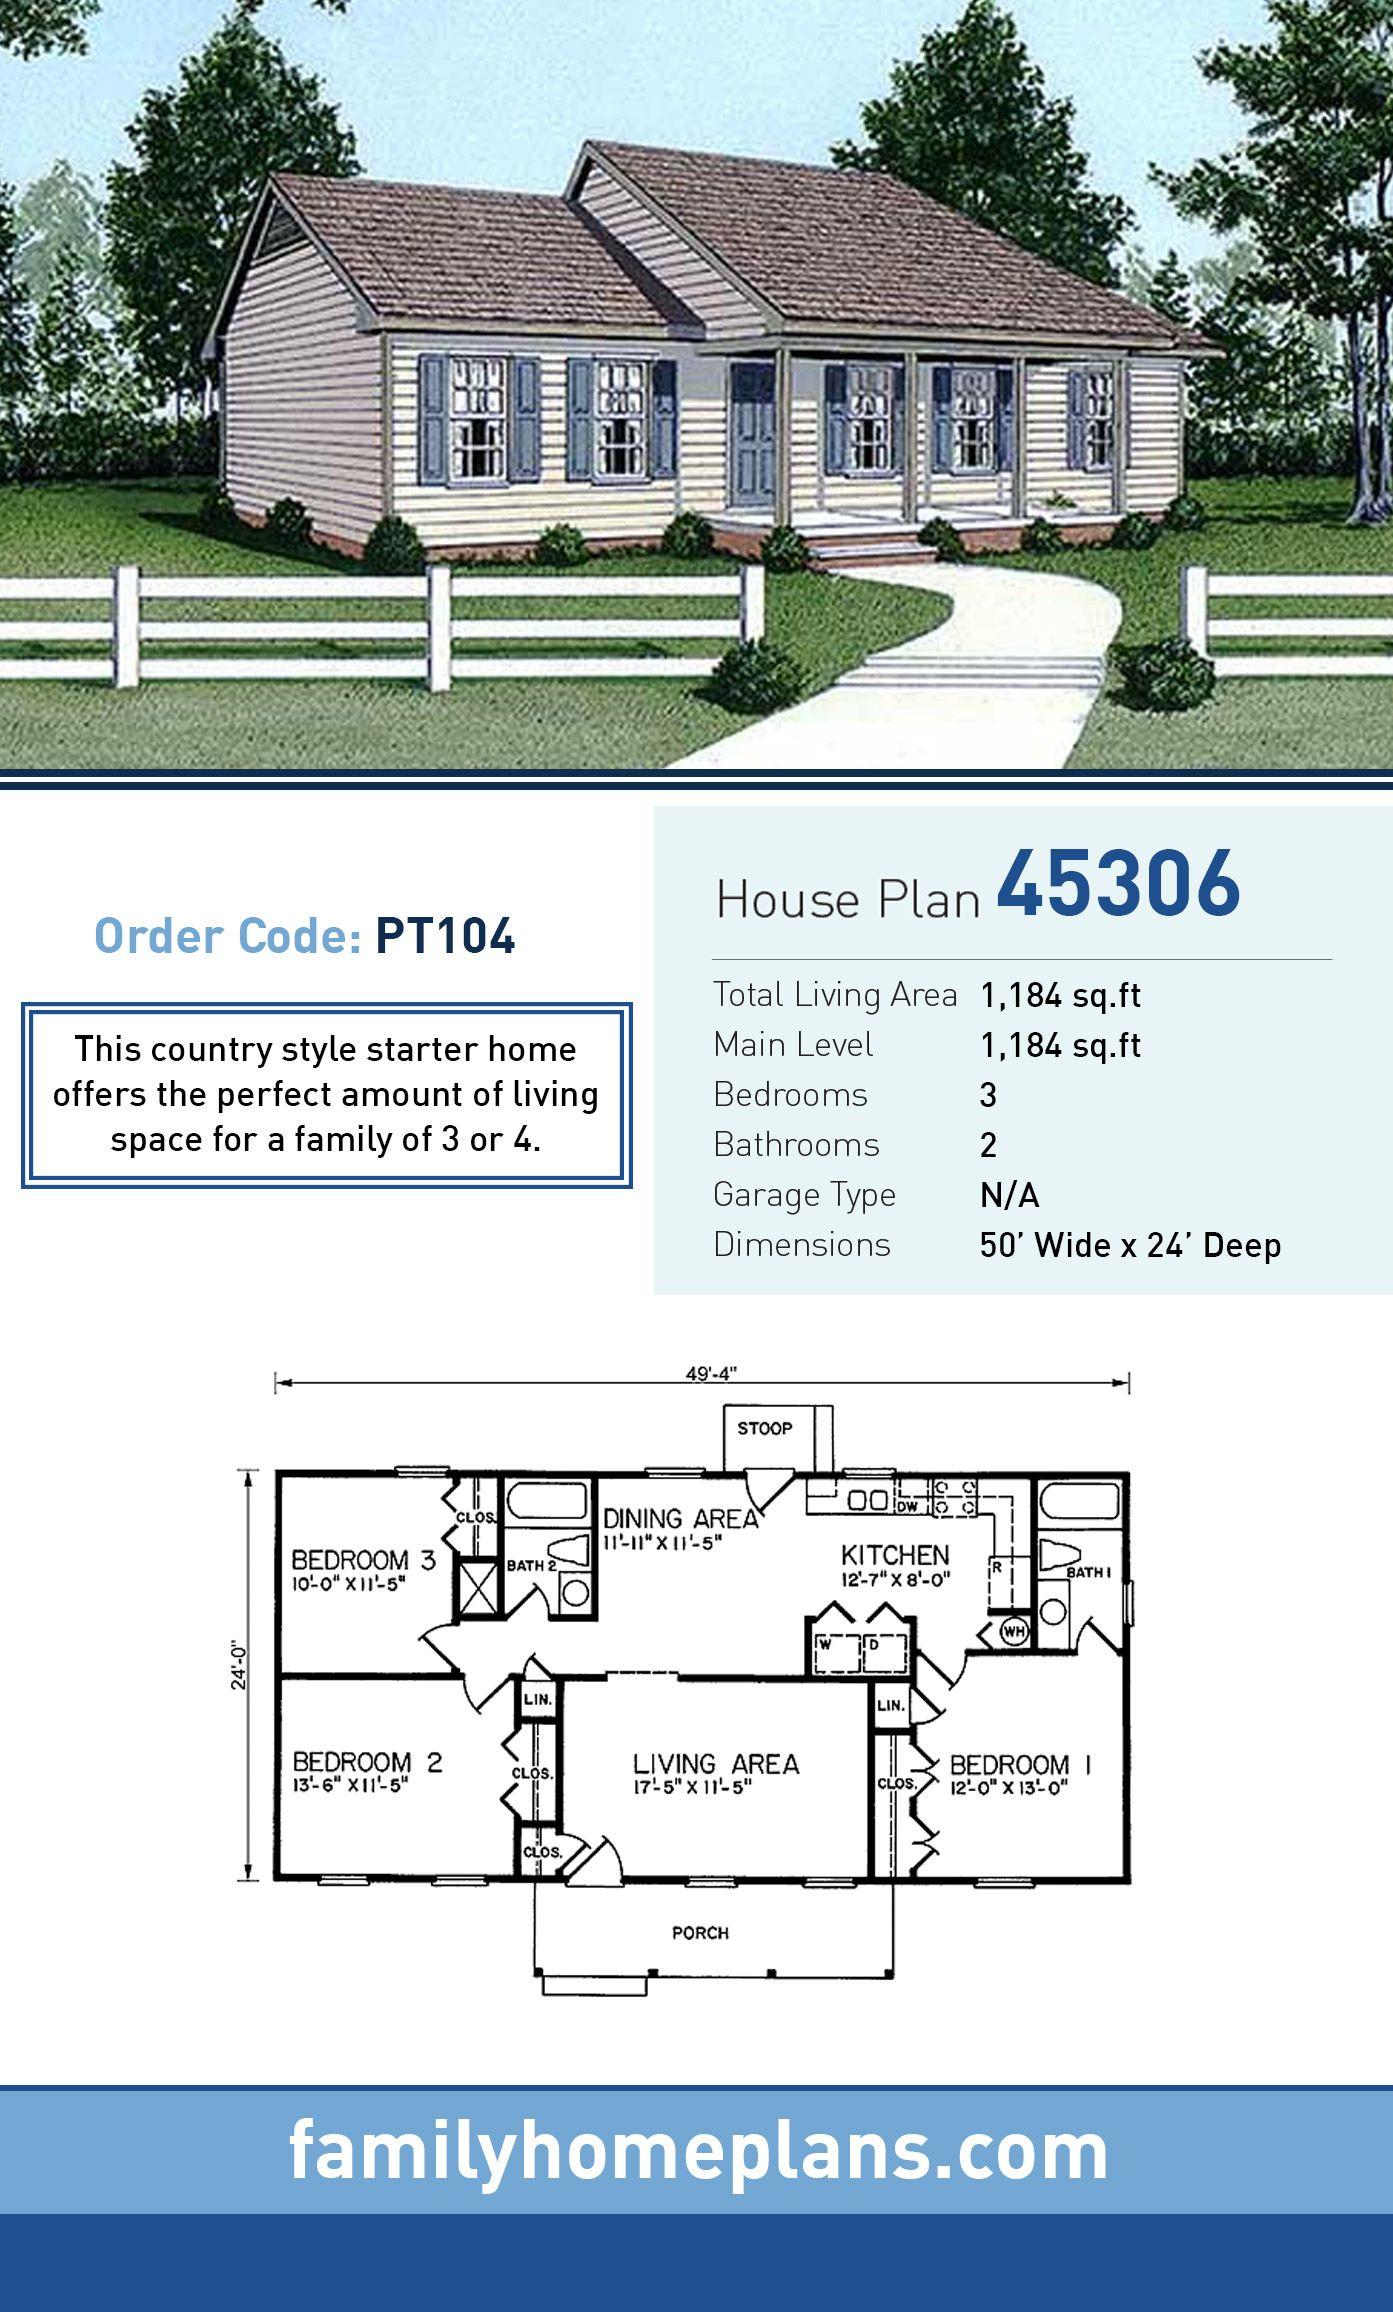 Floor Plan Design Measurements Home Design Floor Plans Floor Plans Site Plans Design Color Rendering Floor Plans Ranch Rectangle House Plans Ranch House Plans